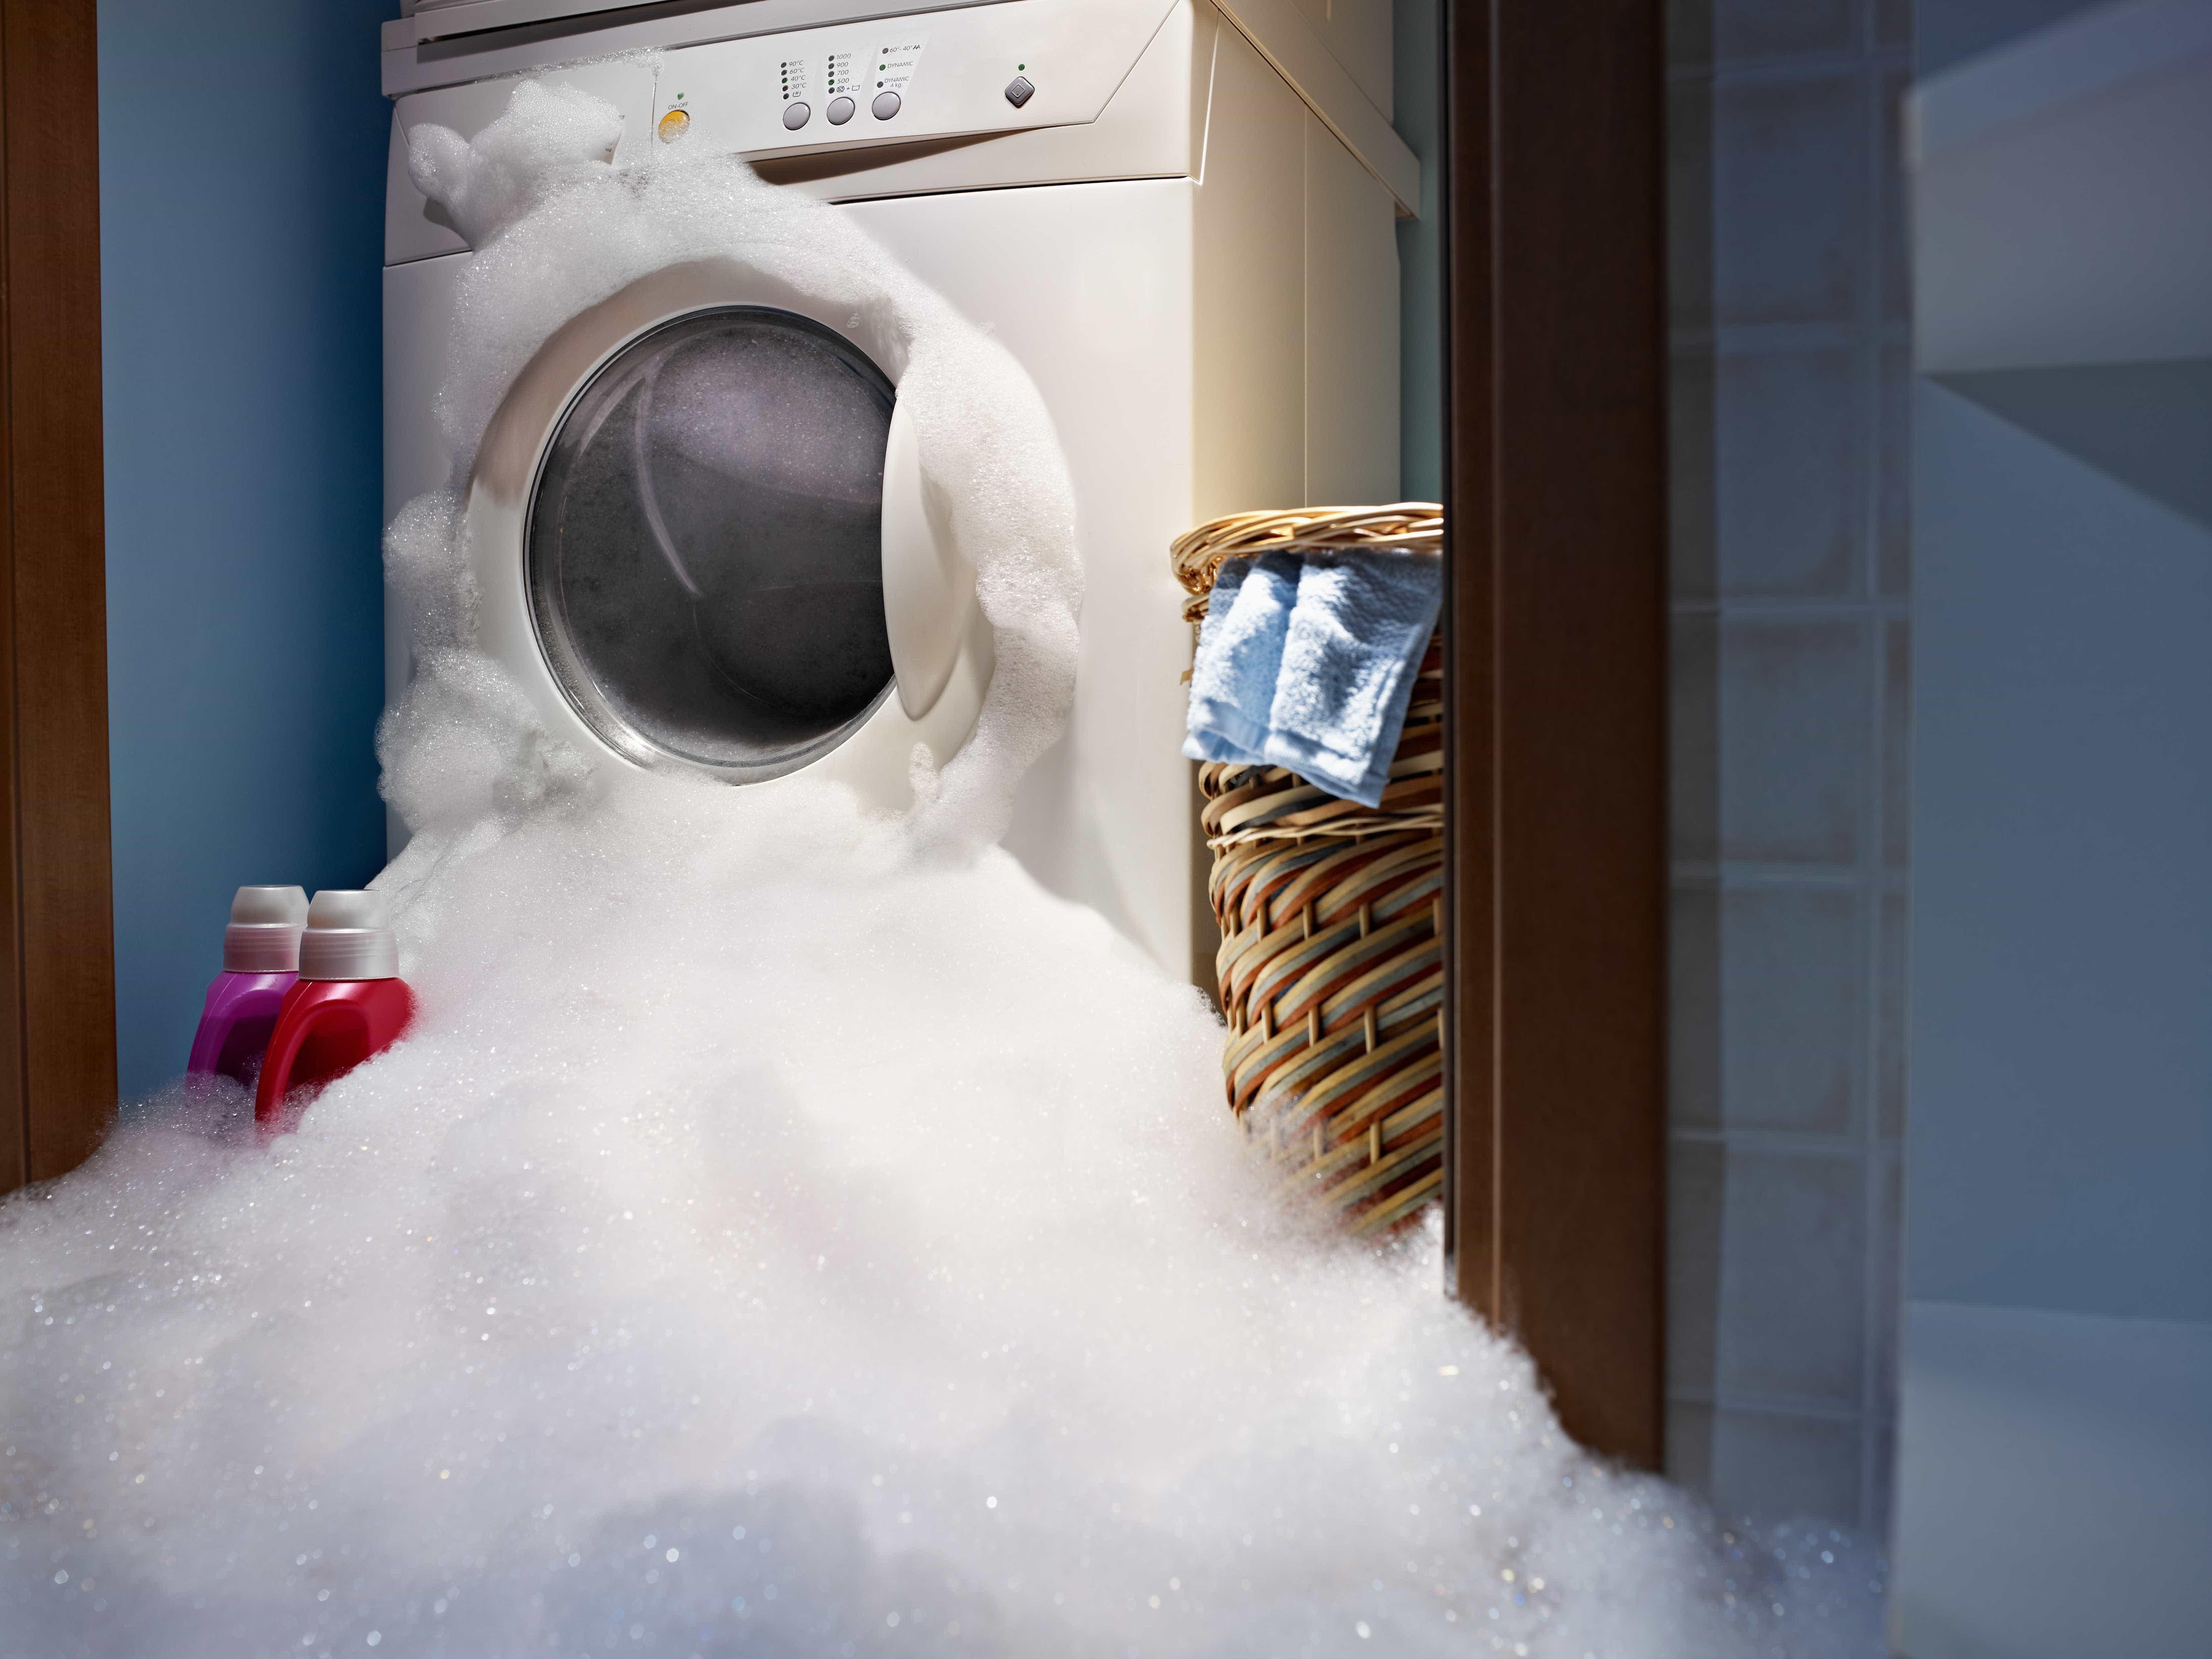 Aprenda a limpar corretamente a máquina de lavar roupa